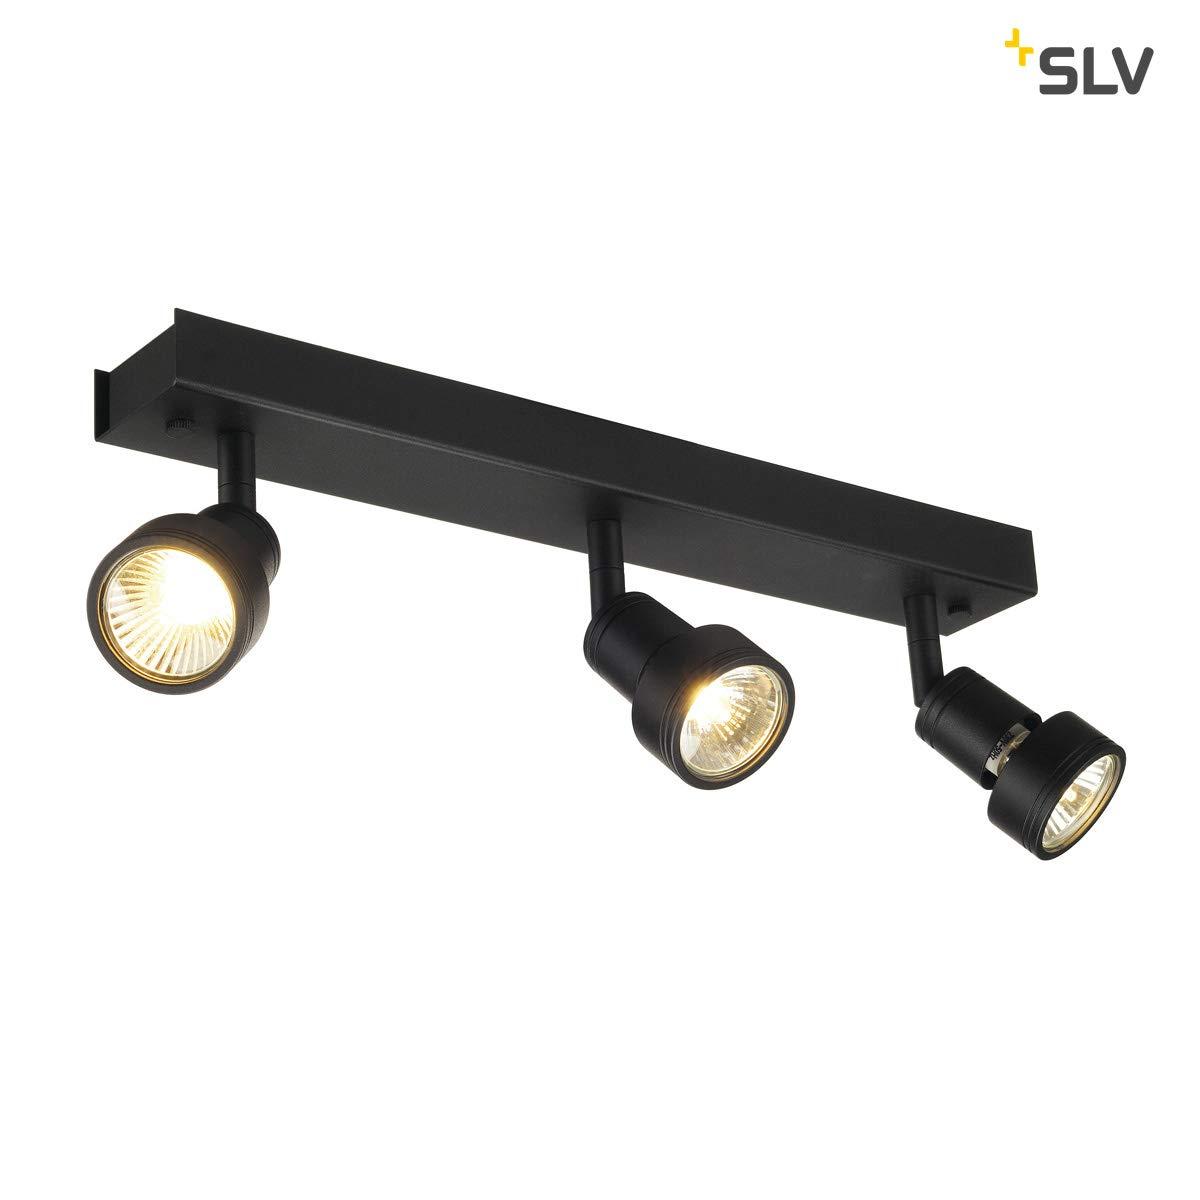 SLV LED Strahler PURI  dreh- und schwenkbar   Smarte Wand- und Decken-Leuchte zur individuellen Innen-Beleuchtung   Decken-Spot, Deckenfluter, Deckenstrahler, Decken-Lampe, Wand-Lampe   GU10, EEK bis A++